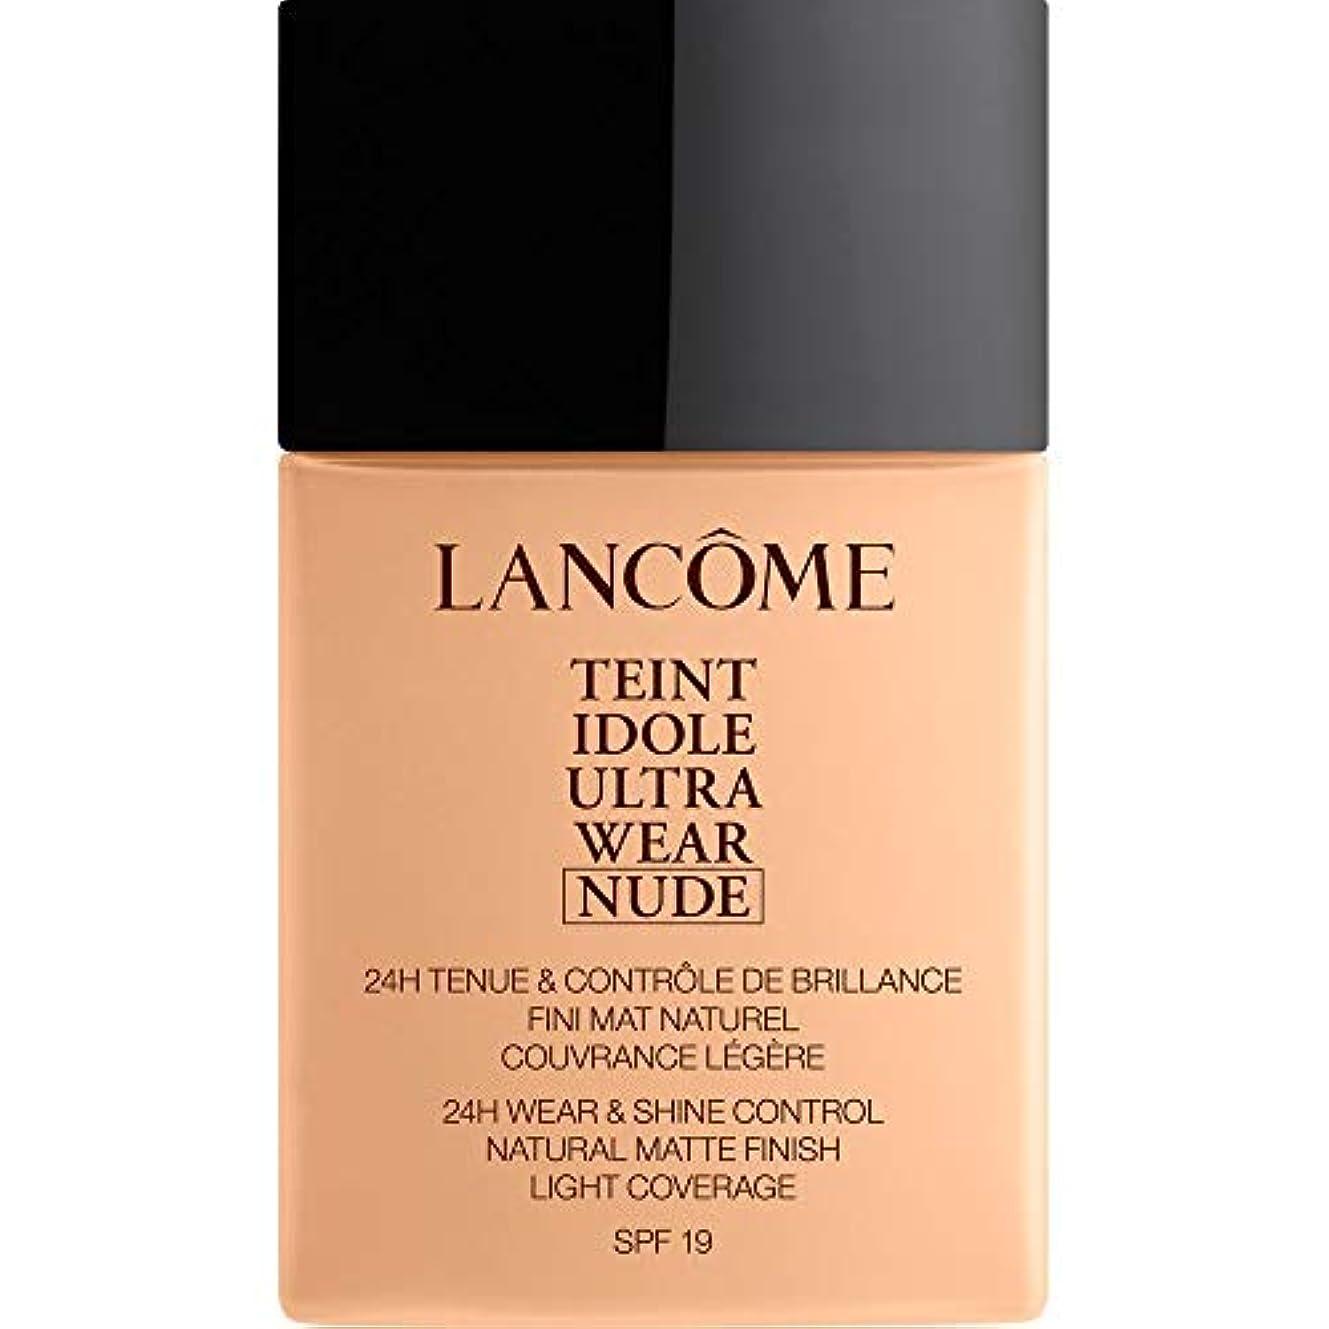 分割興味石化する[Lanc?me ] ランコムTeintのIdole超摩耗ヌード財団Spf19の40ミリリットル025 - ベージュLin - Lancome Teint Idole Ultra Wear Nude Foundation...